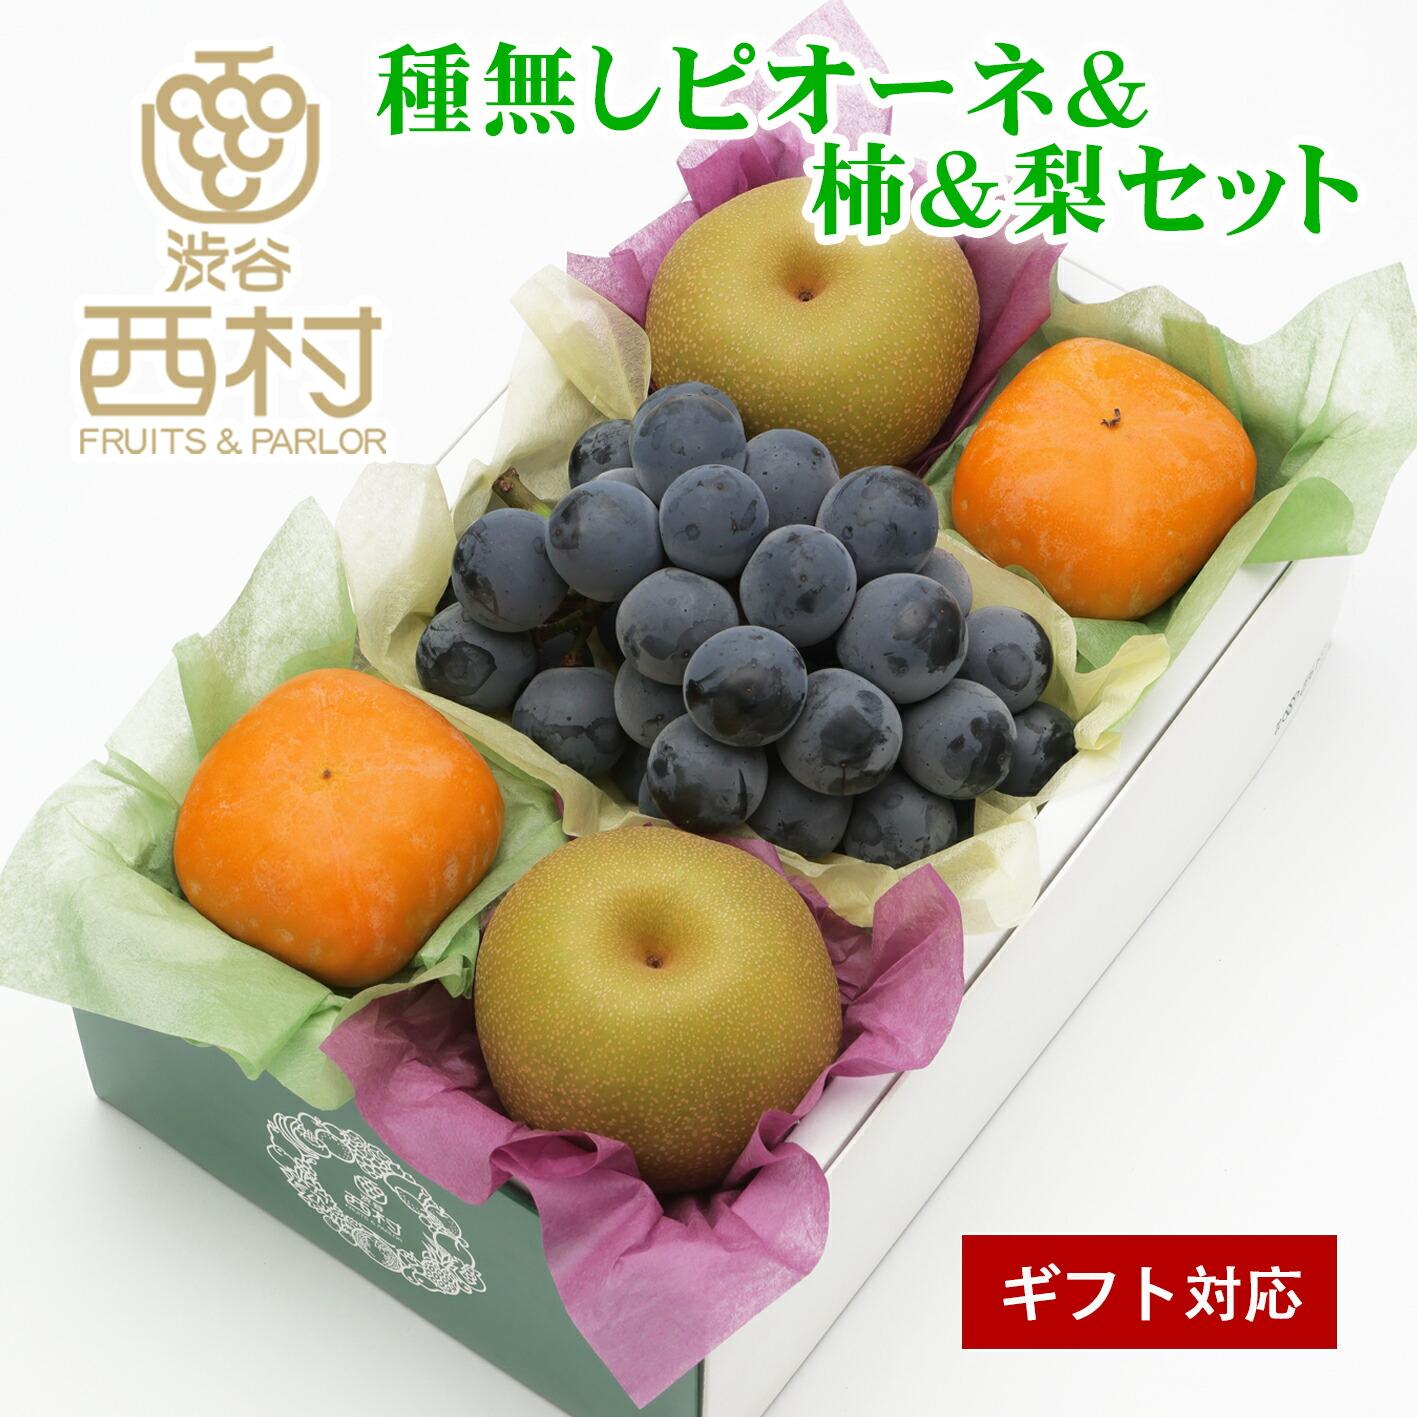 種無しピオーネ&柿&梨セット